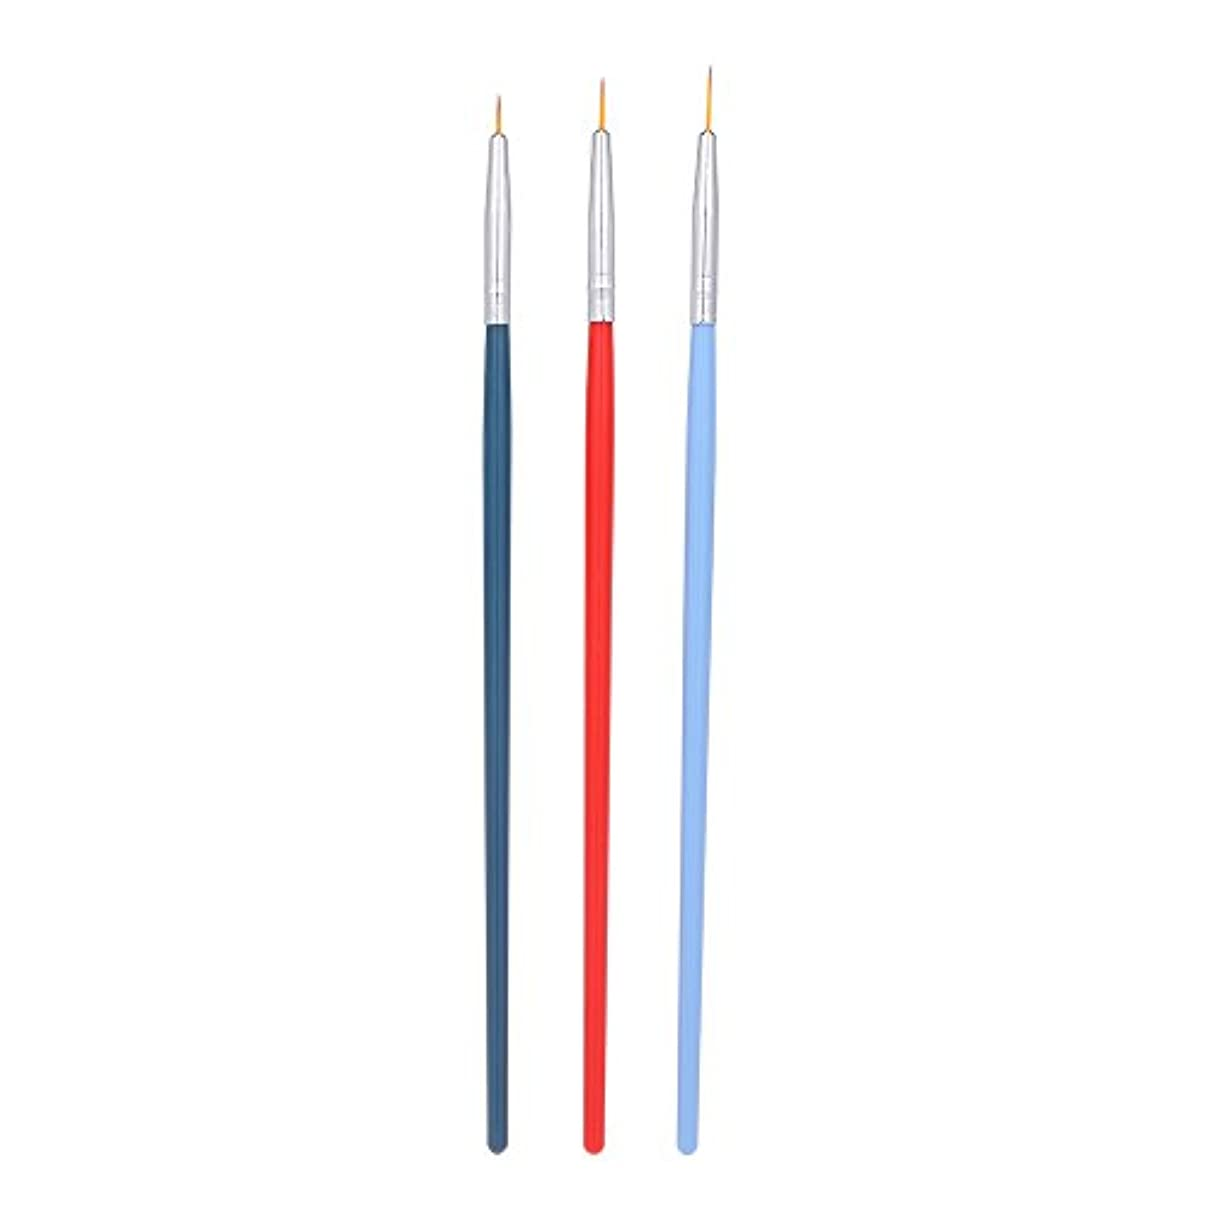 熱地区スリラーDecdeal 3本 ネイルアートライナーブラシ ネイルブラシ ペン UVジェル塗装 セット マニキュア ネイルツール プラスチックハンドル